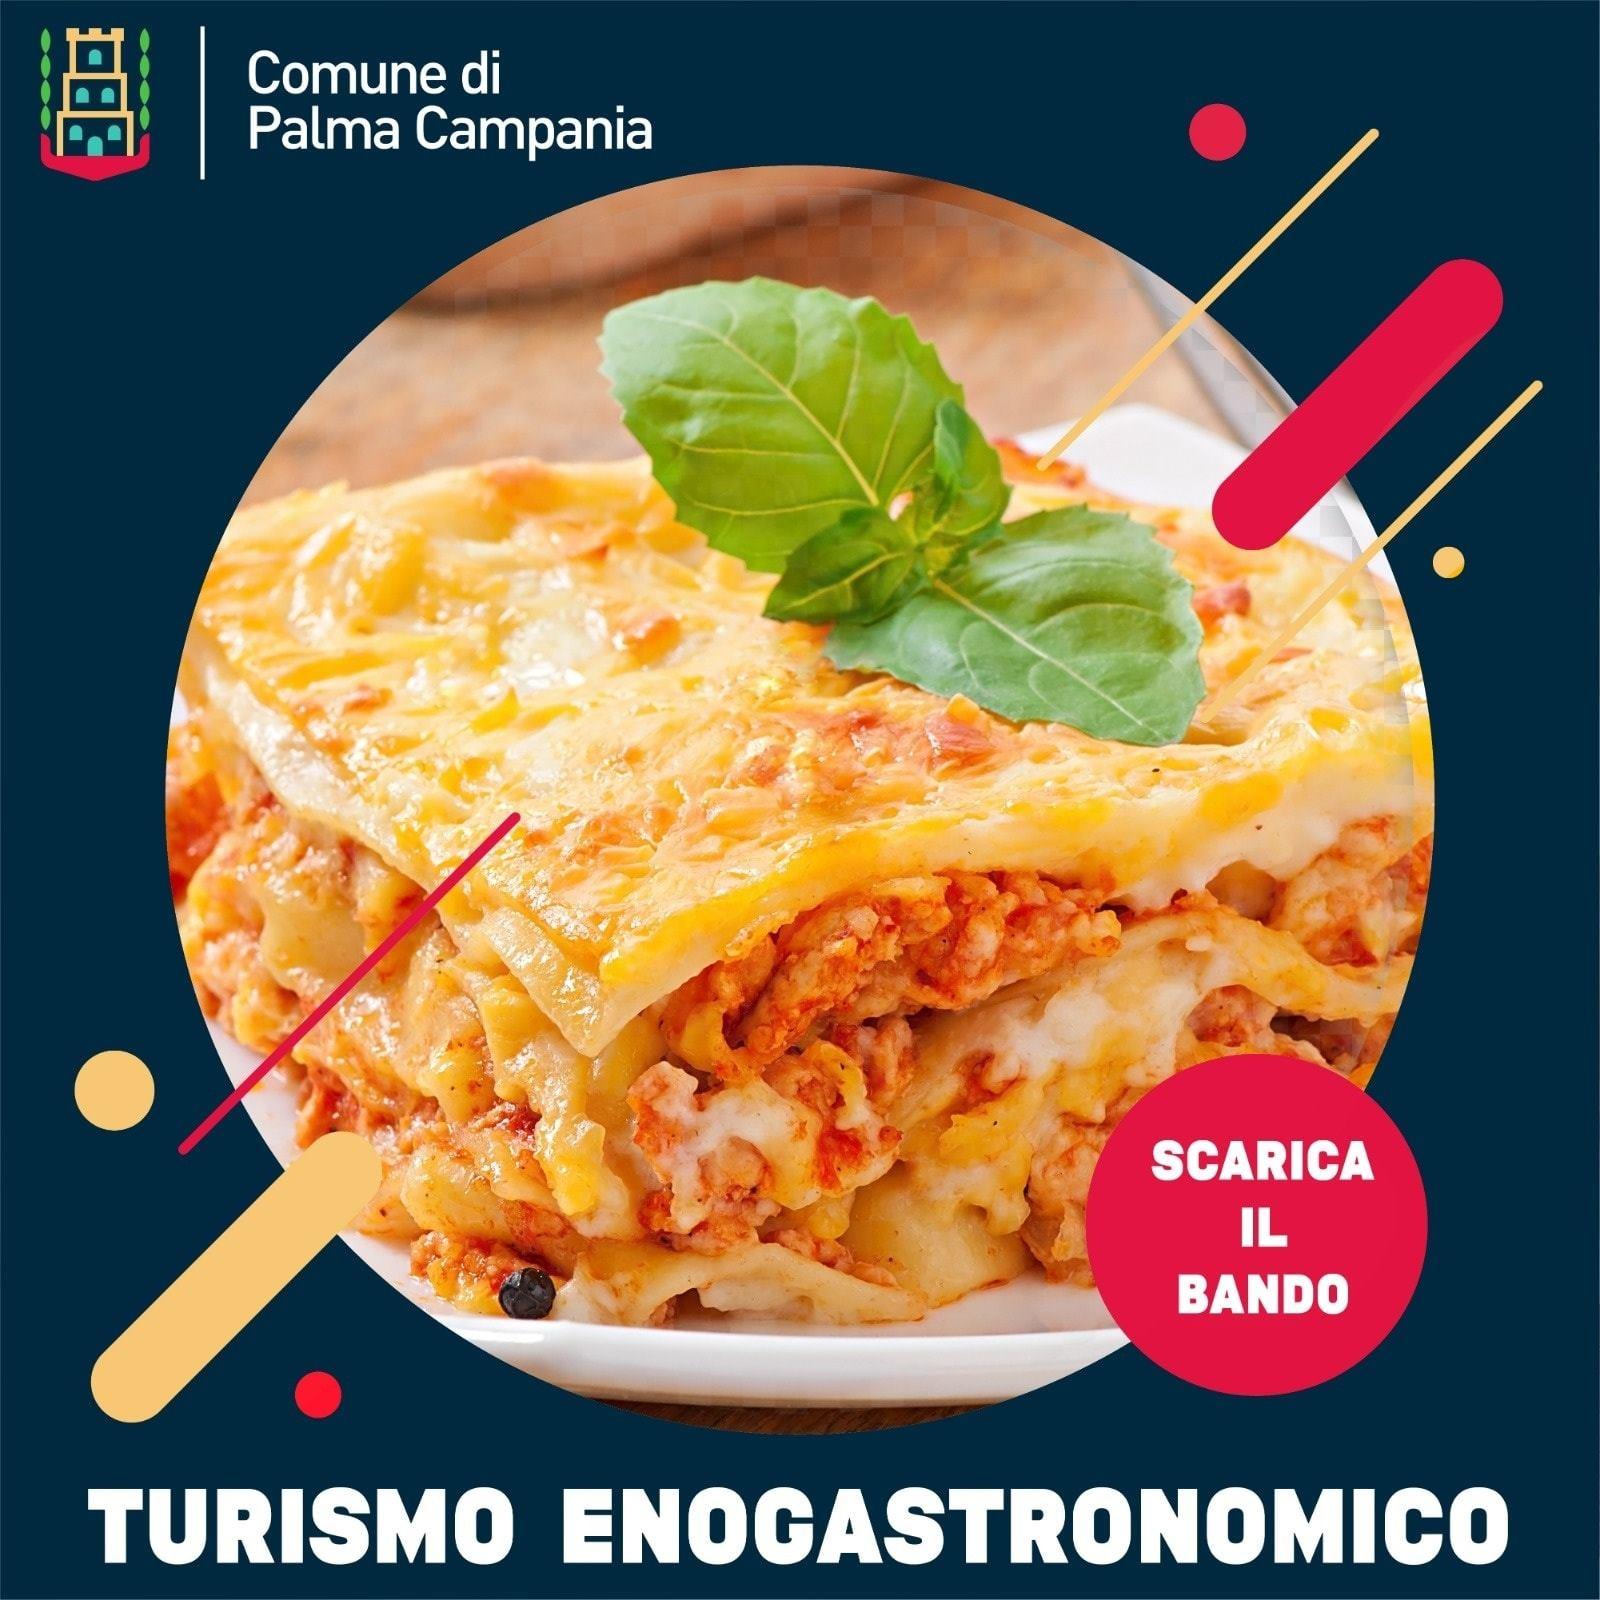 Turismo enogastronomico, bando del Comune di Palma Campania: contributo ai ristoratori